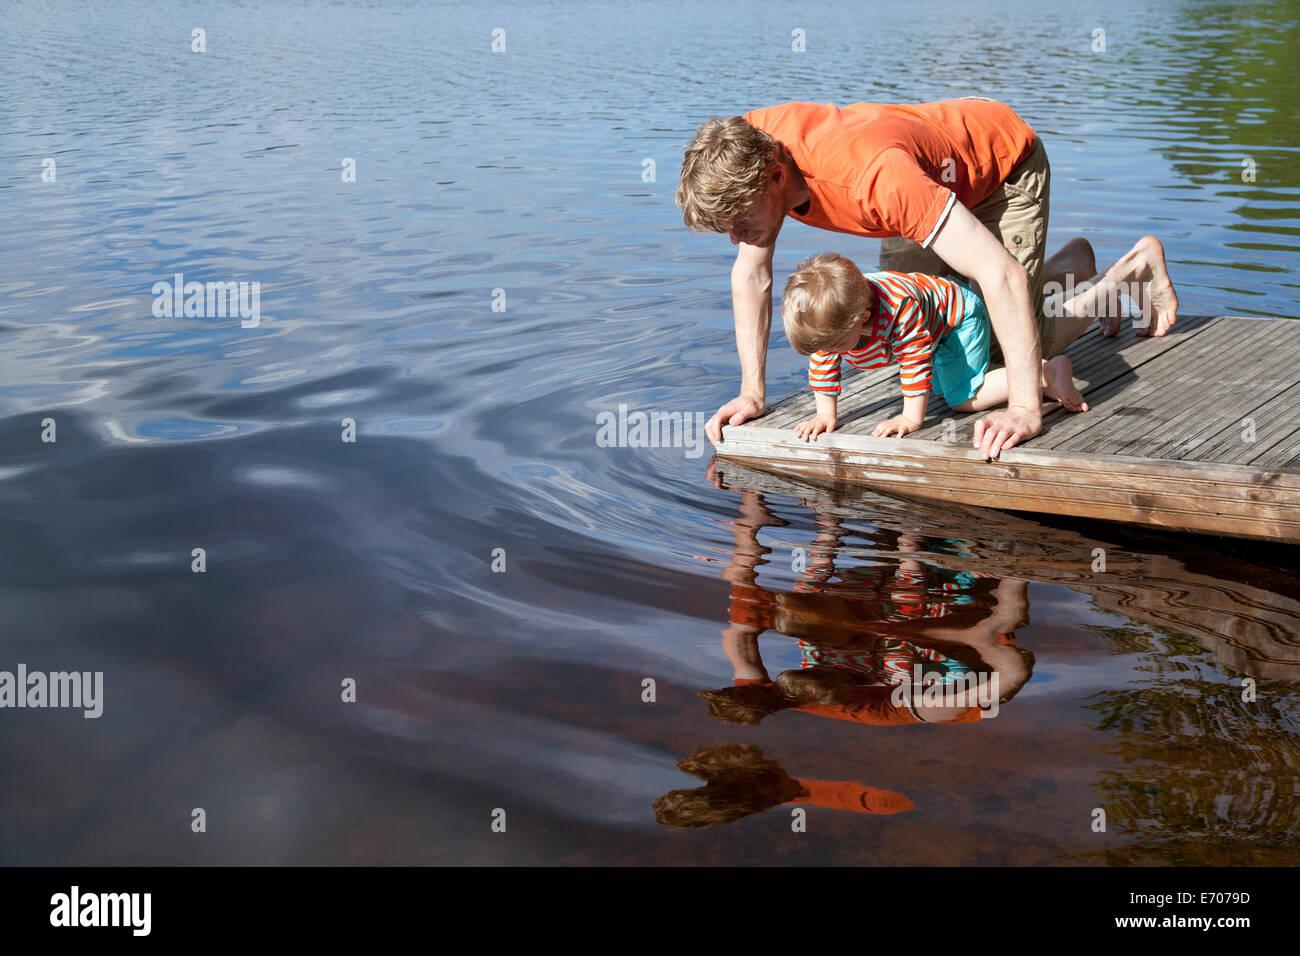 Padre e figlio guardando in giù nel lago dal molo, Somerniemi, Finlandia Immagini Stock